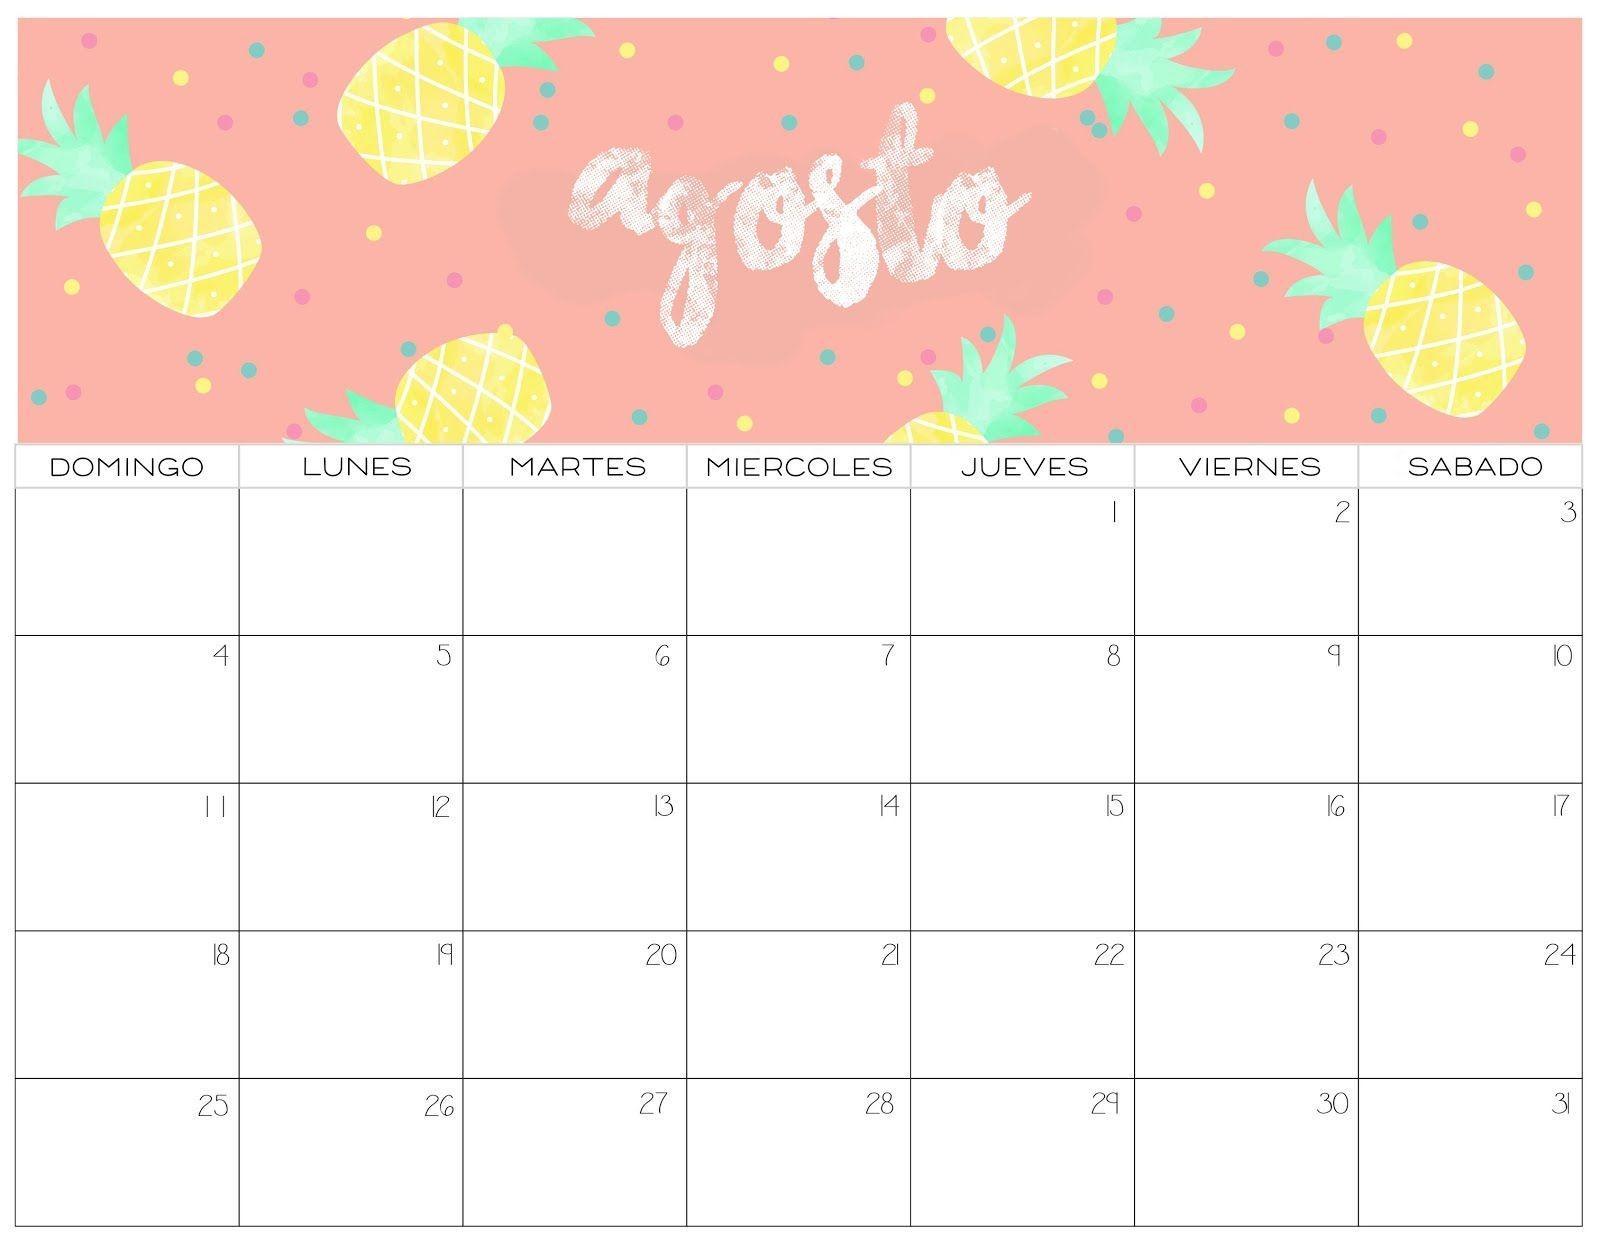 Calendario Enero 2019 Para Imprimir A4 Más Populares Calendario 2019 Colorido 2 Estilos Meses Of Calendario Enero 2019 Para Imprimir A4 Más Reciente Calendario Para Imprimir 2018 2019 Calendario